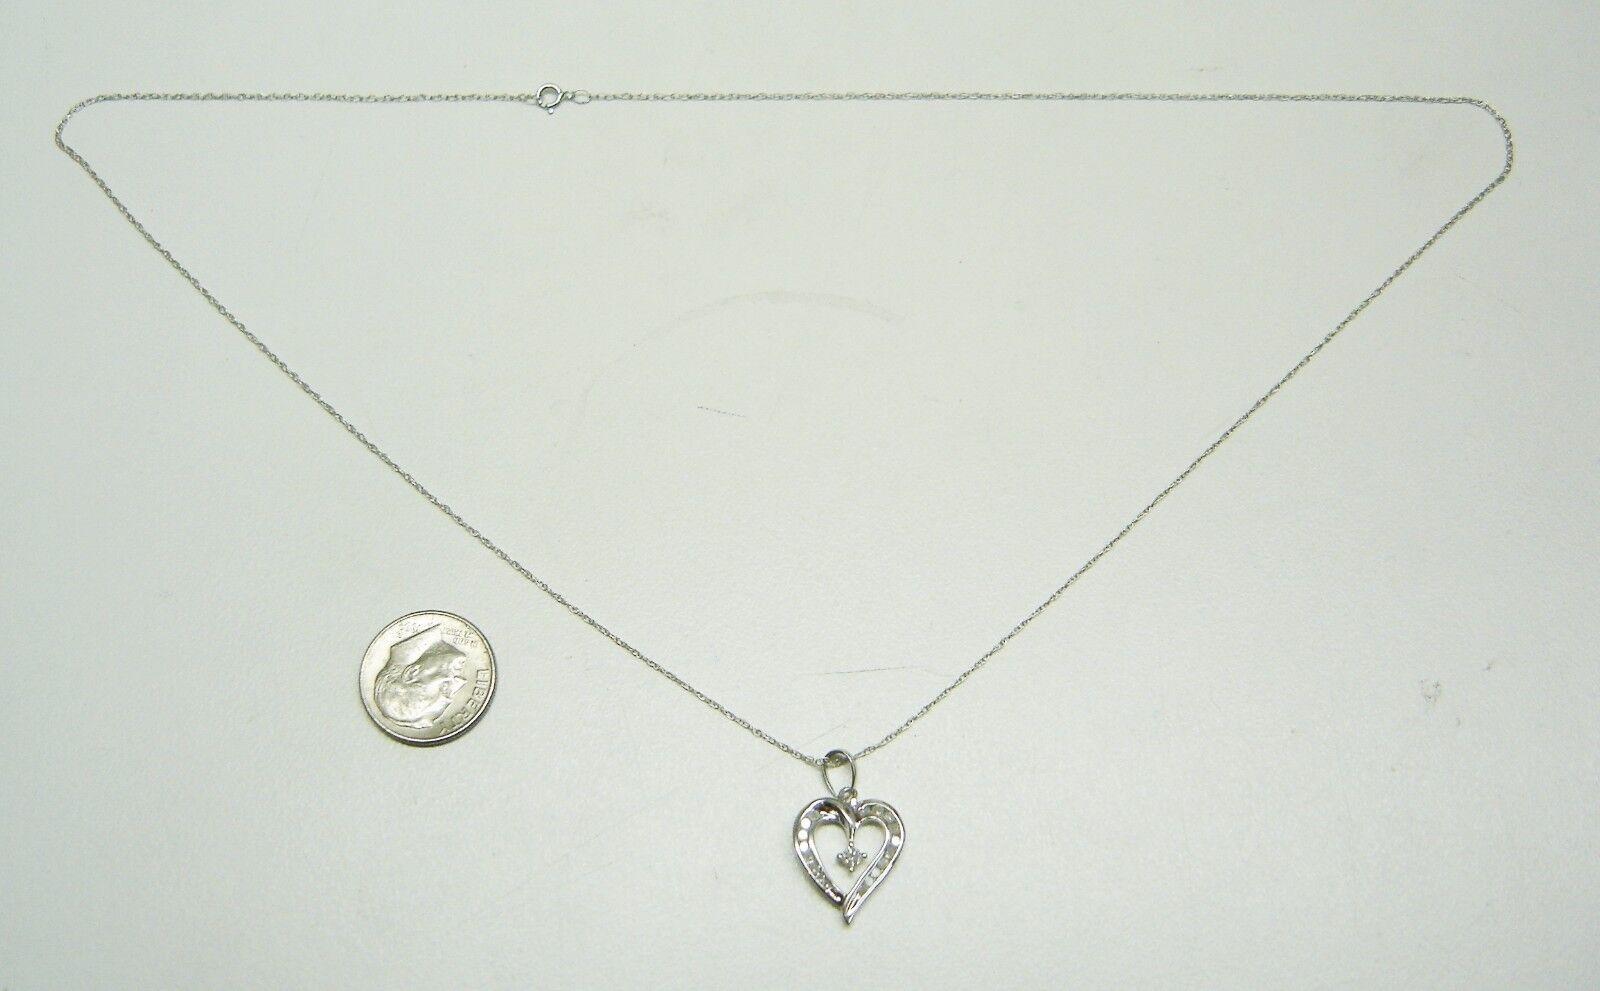 10k 10k 10k Bianco Cuore oro Collana Ciondolo Diamante con Catenina N607-r 2d2bd2